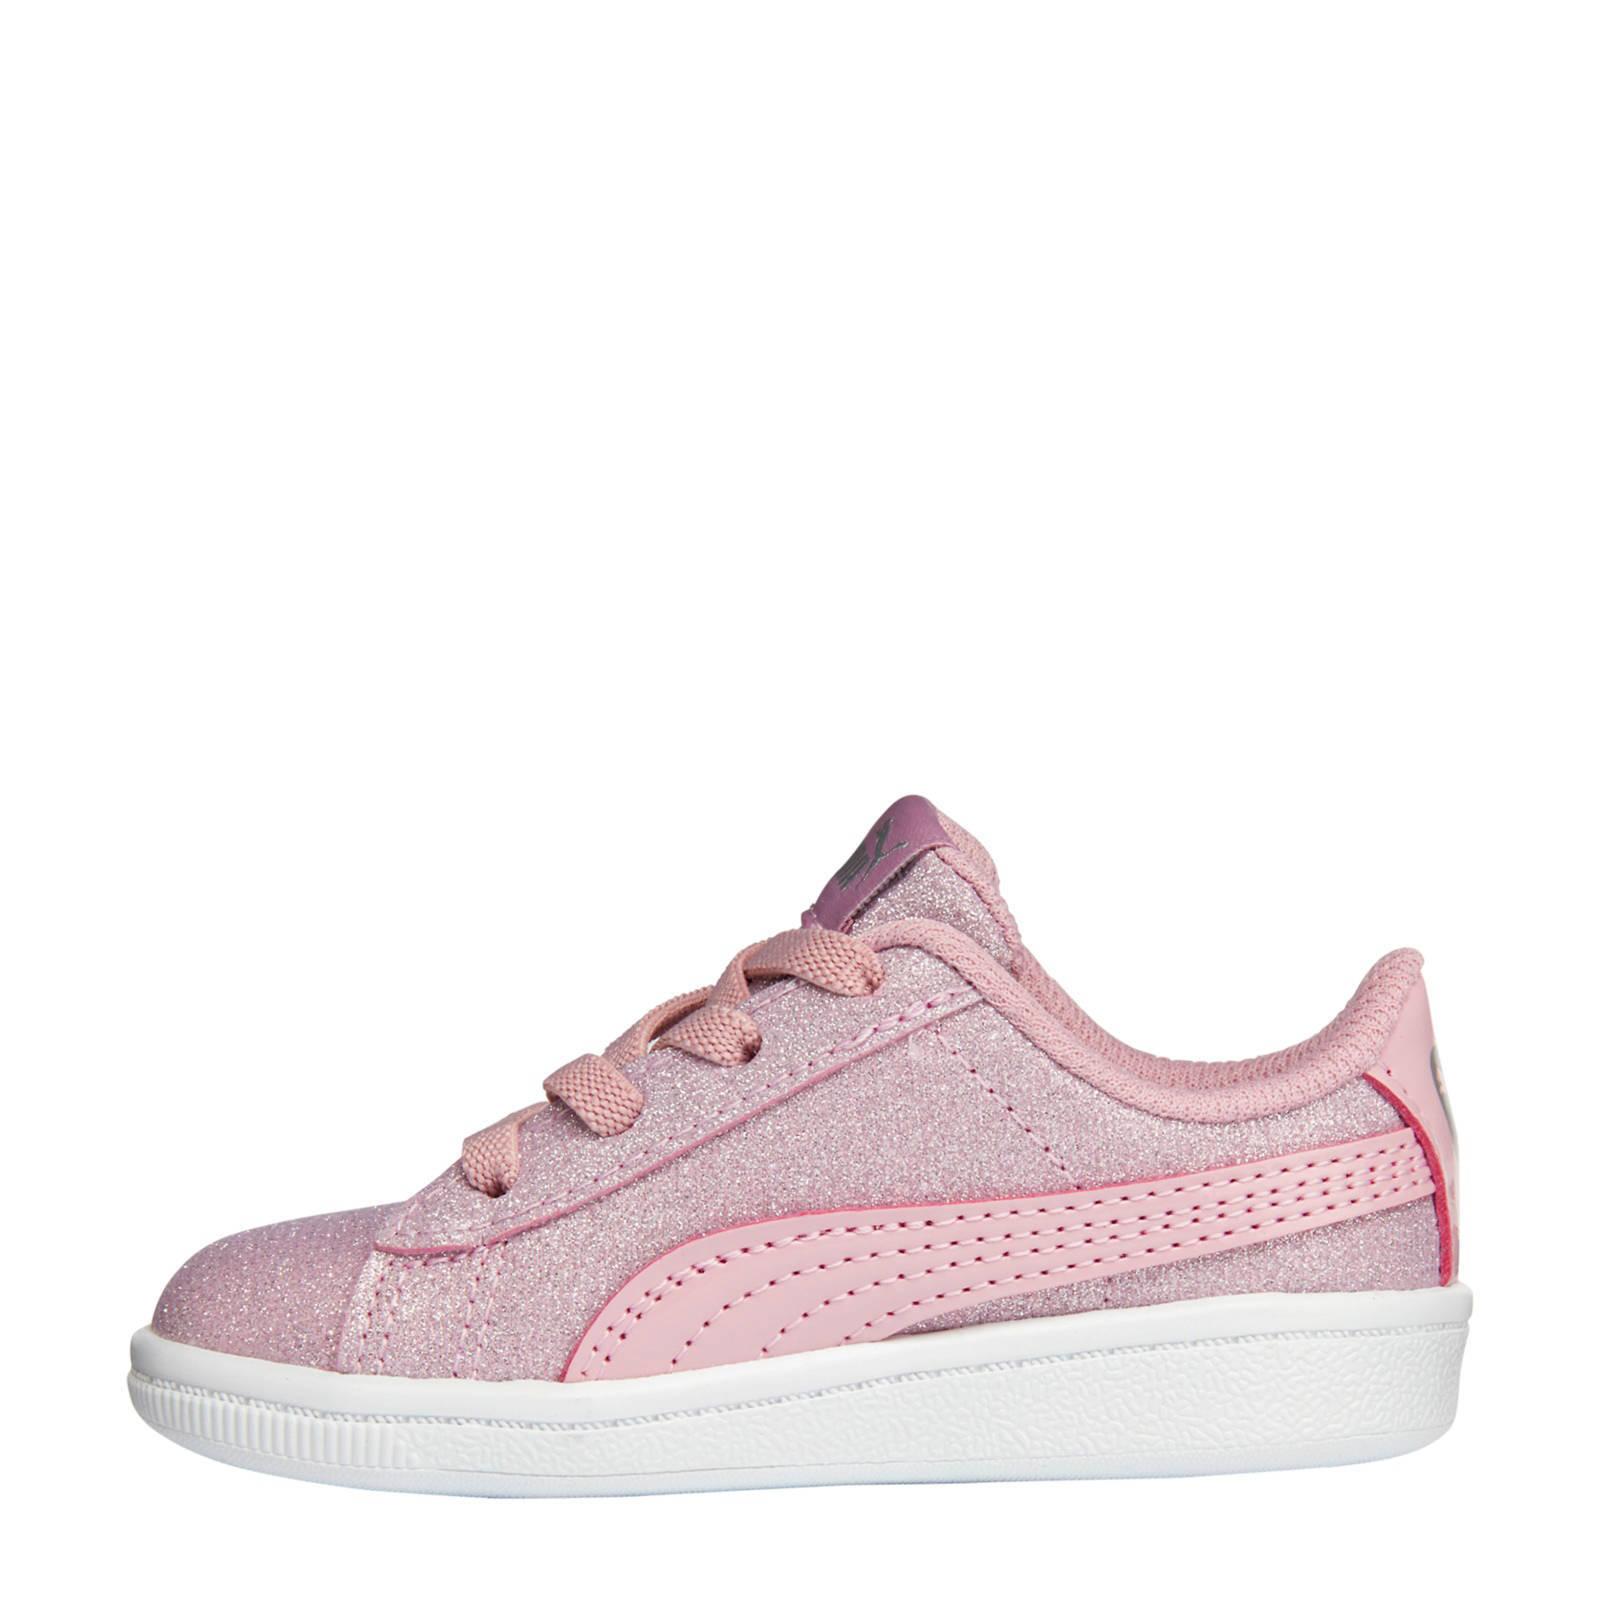 Vikky Glitz sneakers